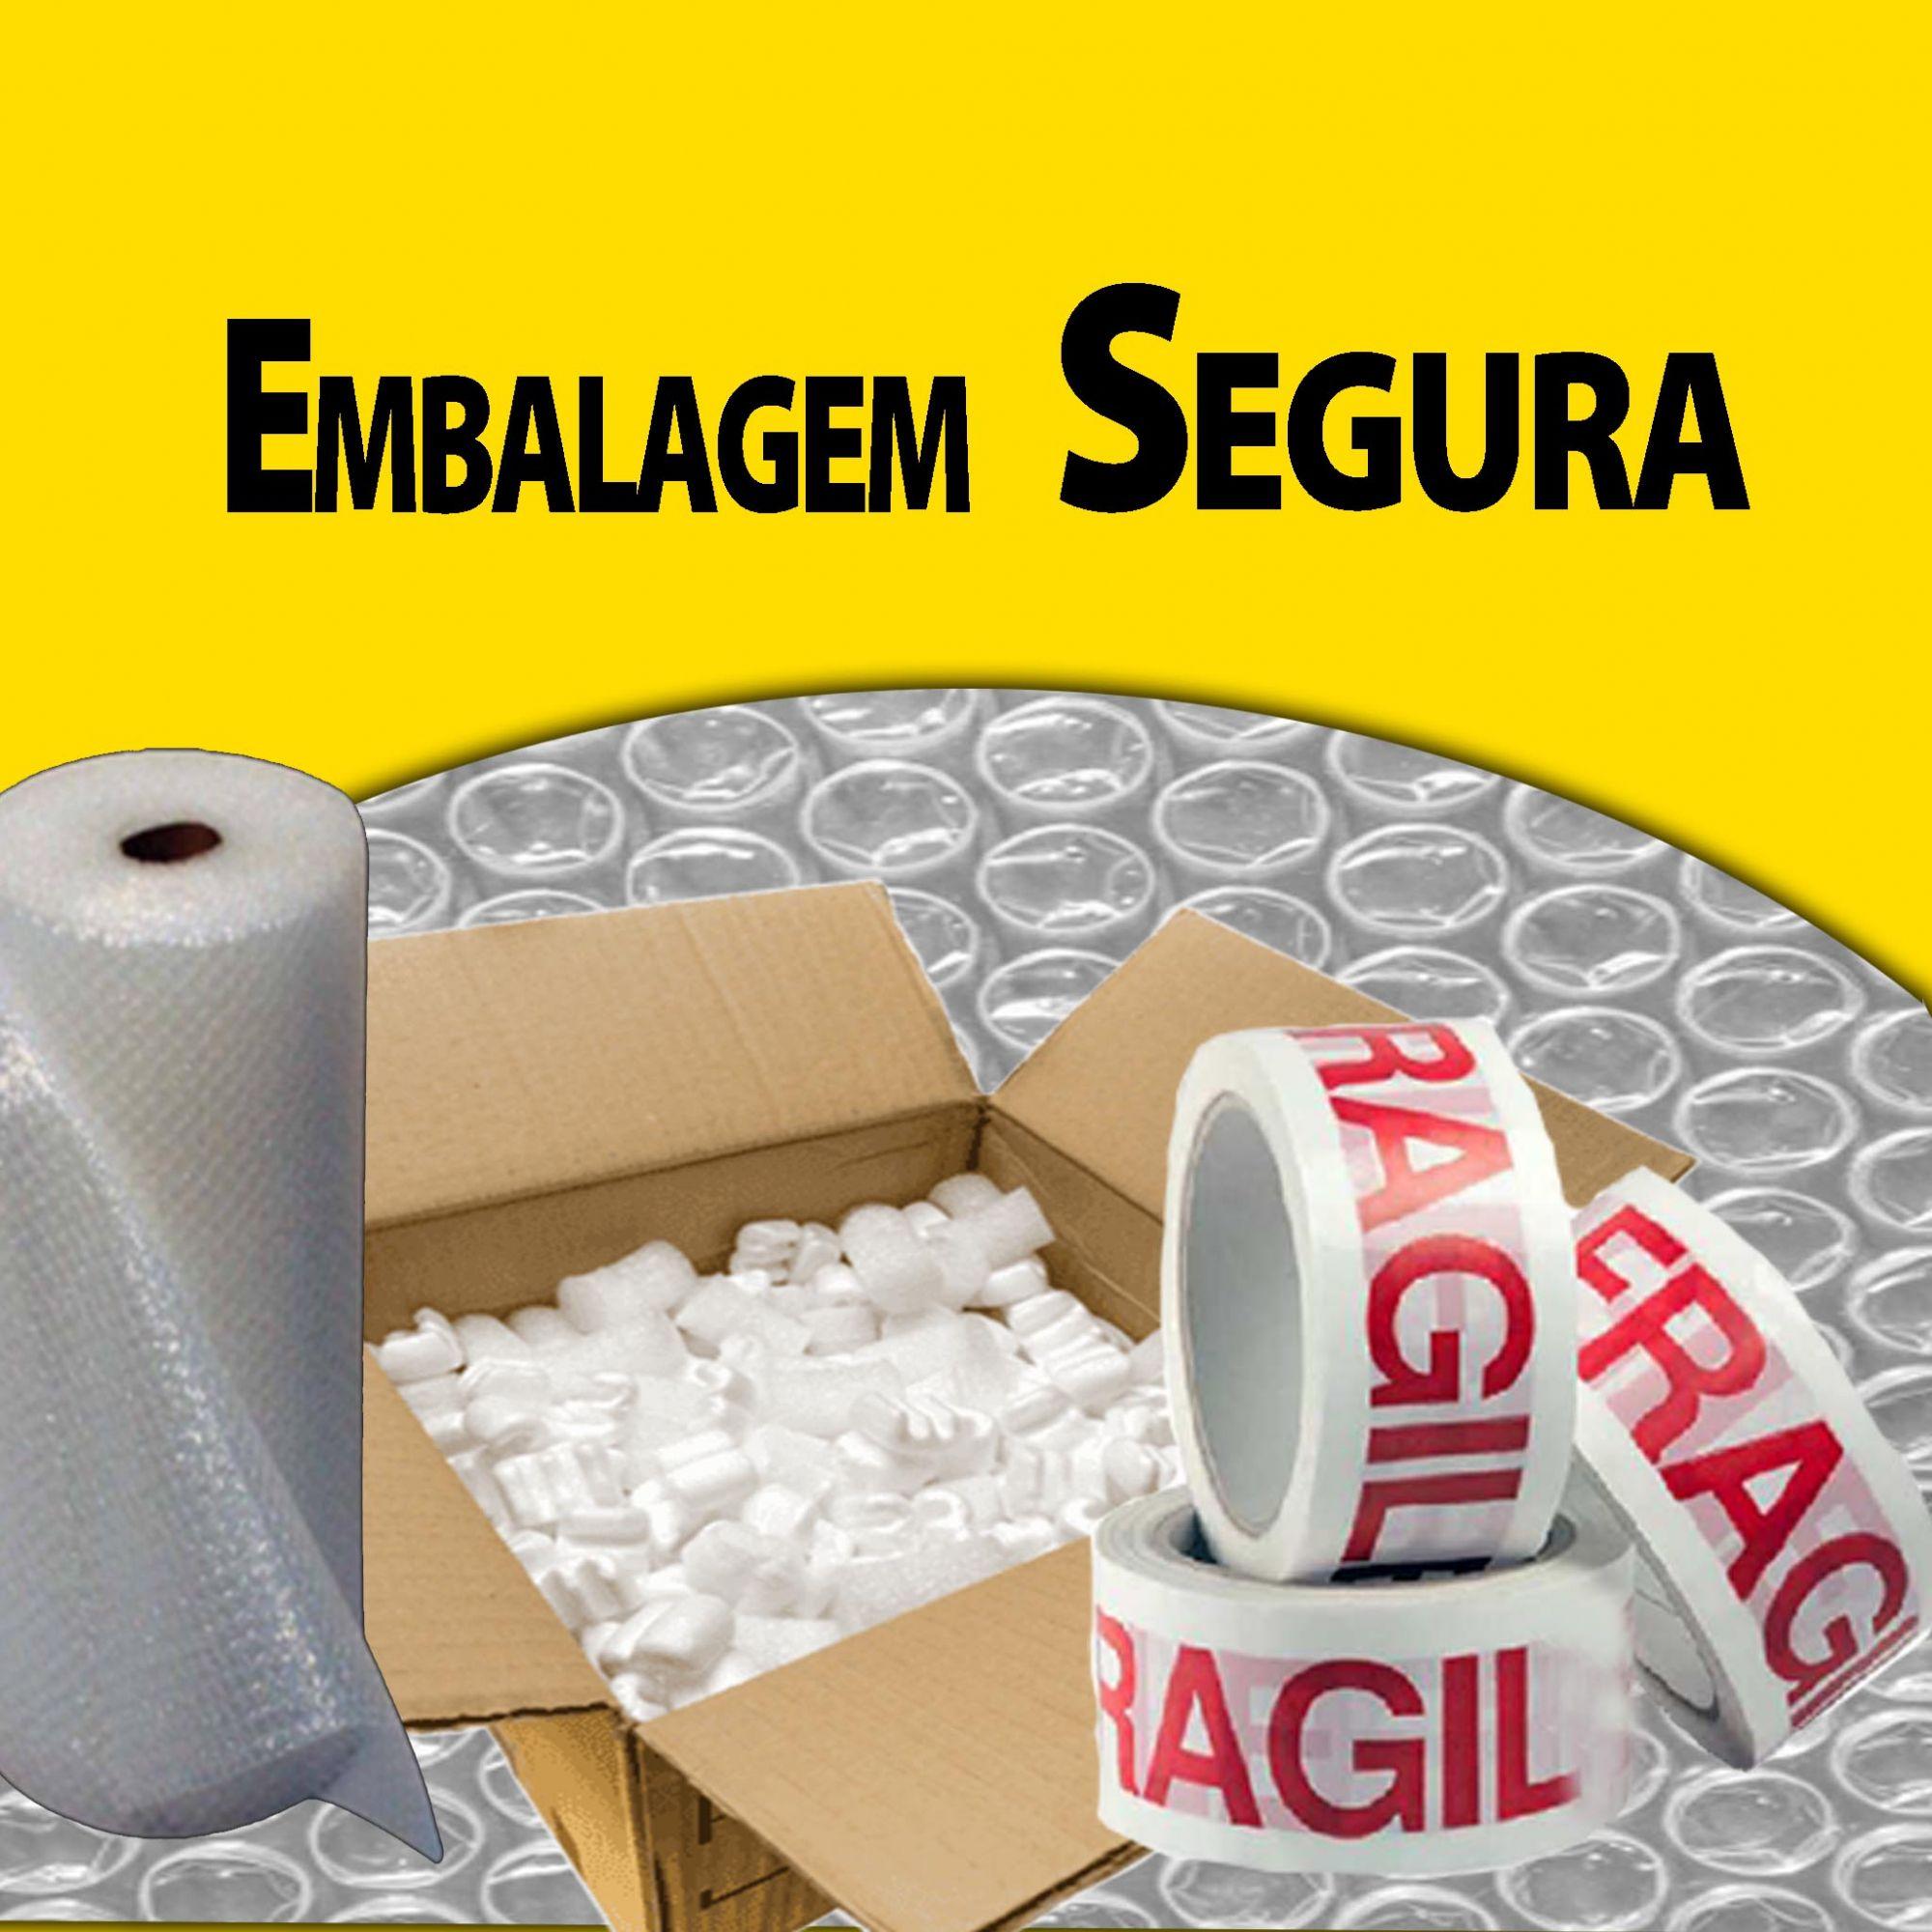 Cesta Plastica Organizadora com tampa 36,5X26,5X15cm